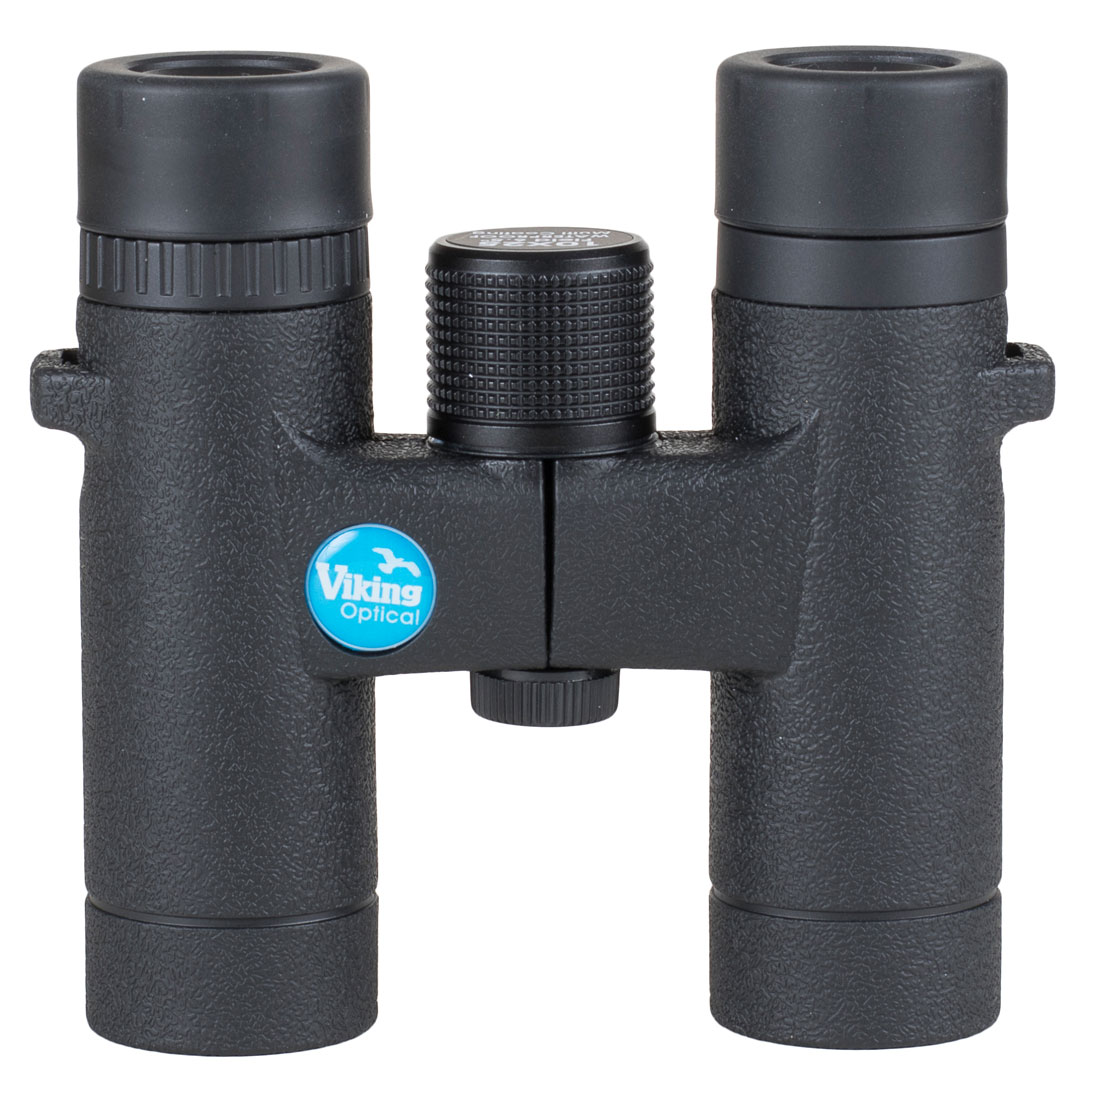 Viking Ventura 10x25 Compact Binoculars